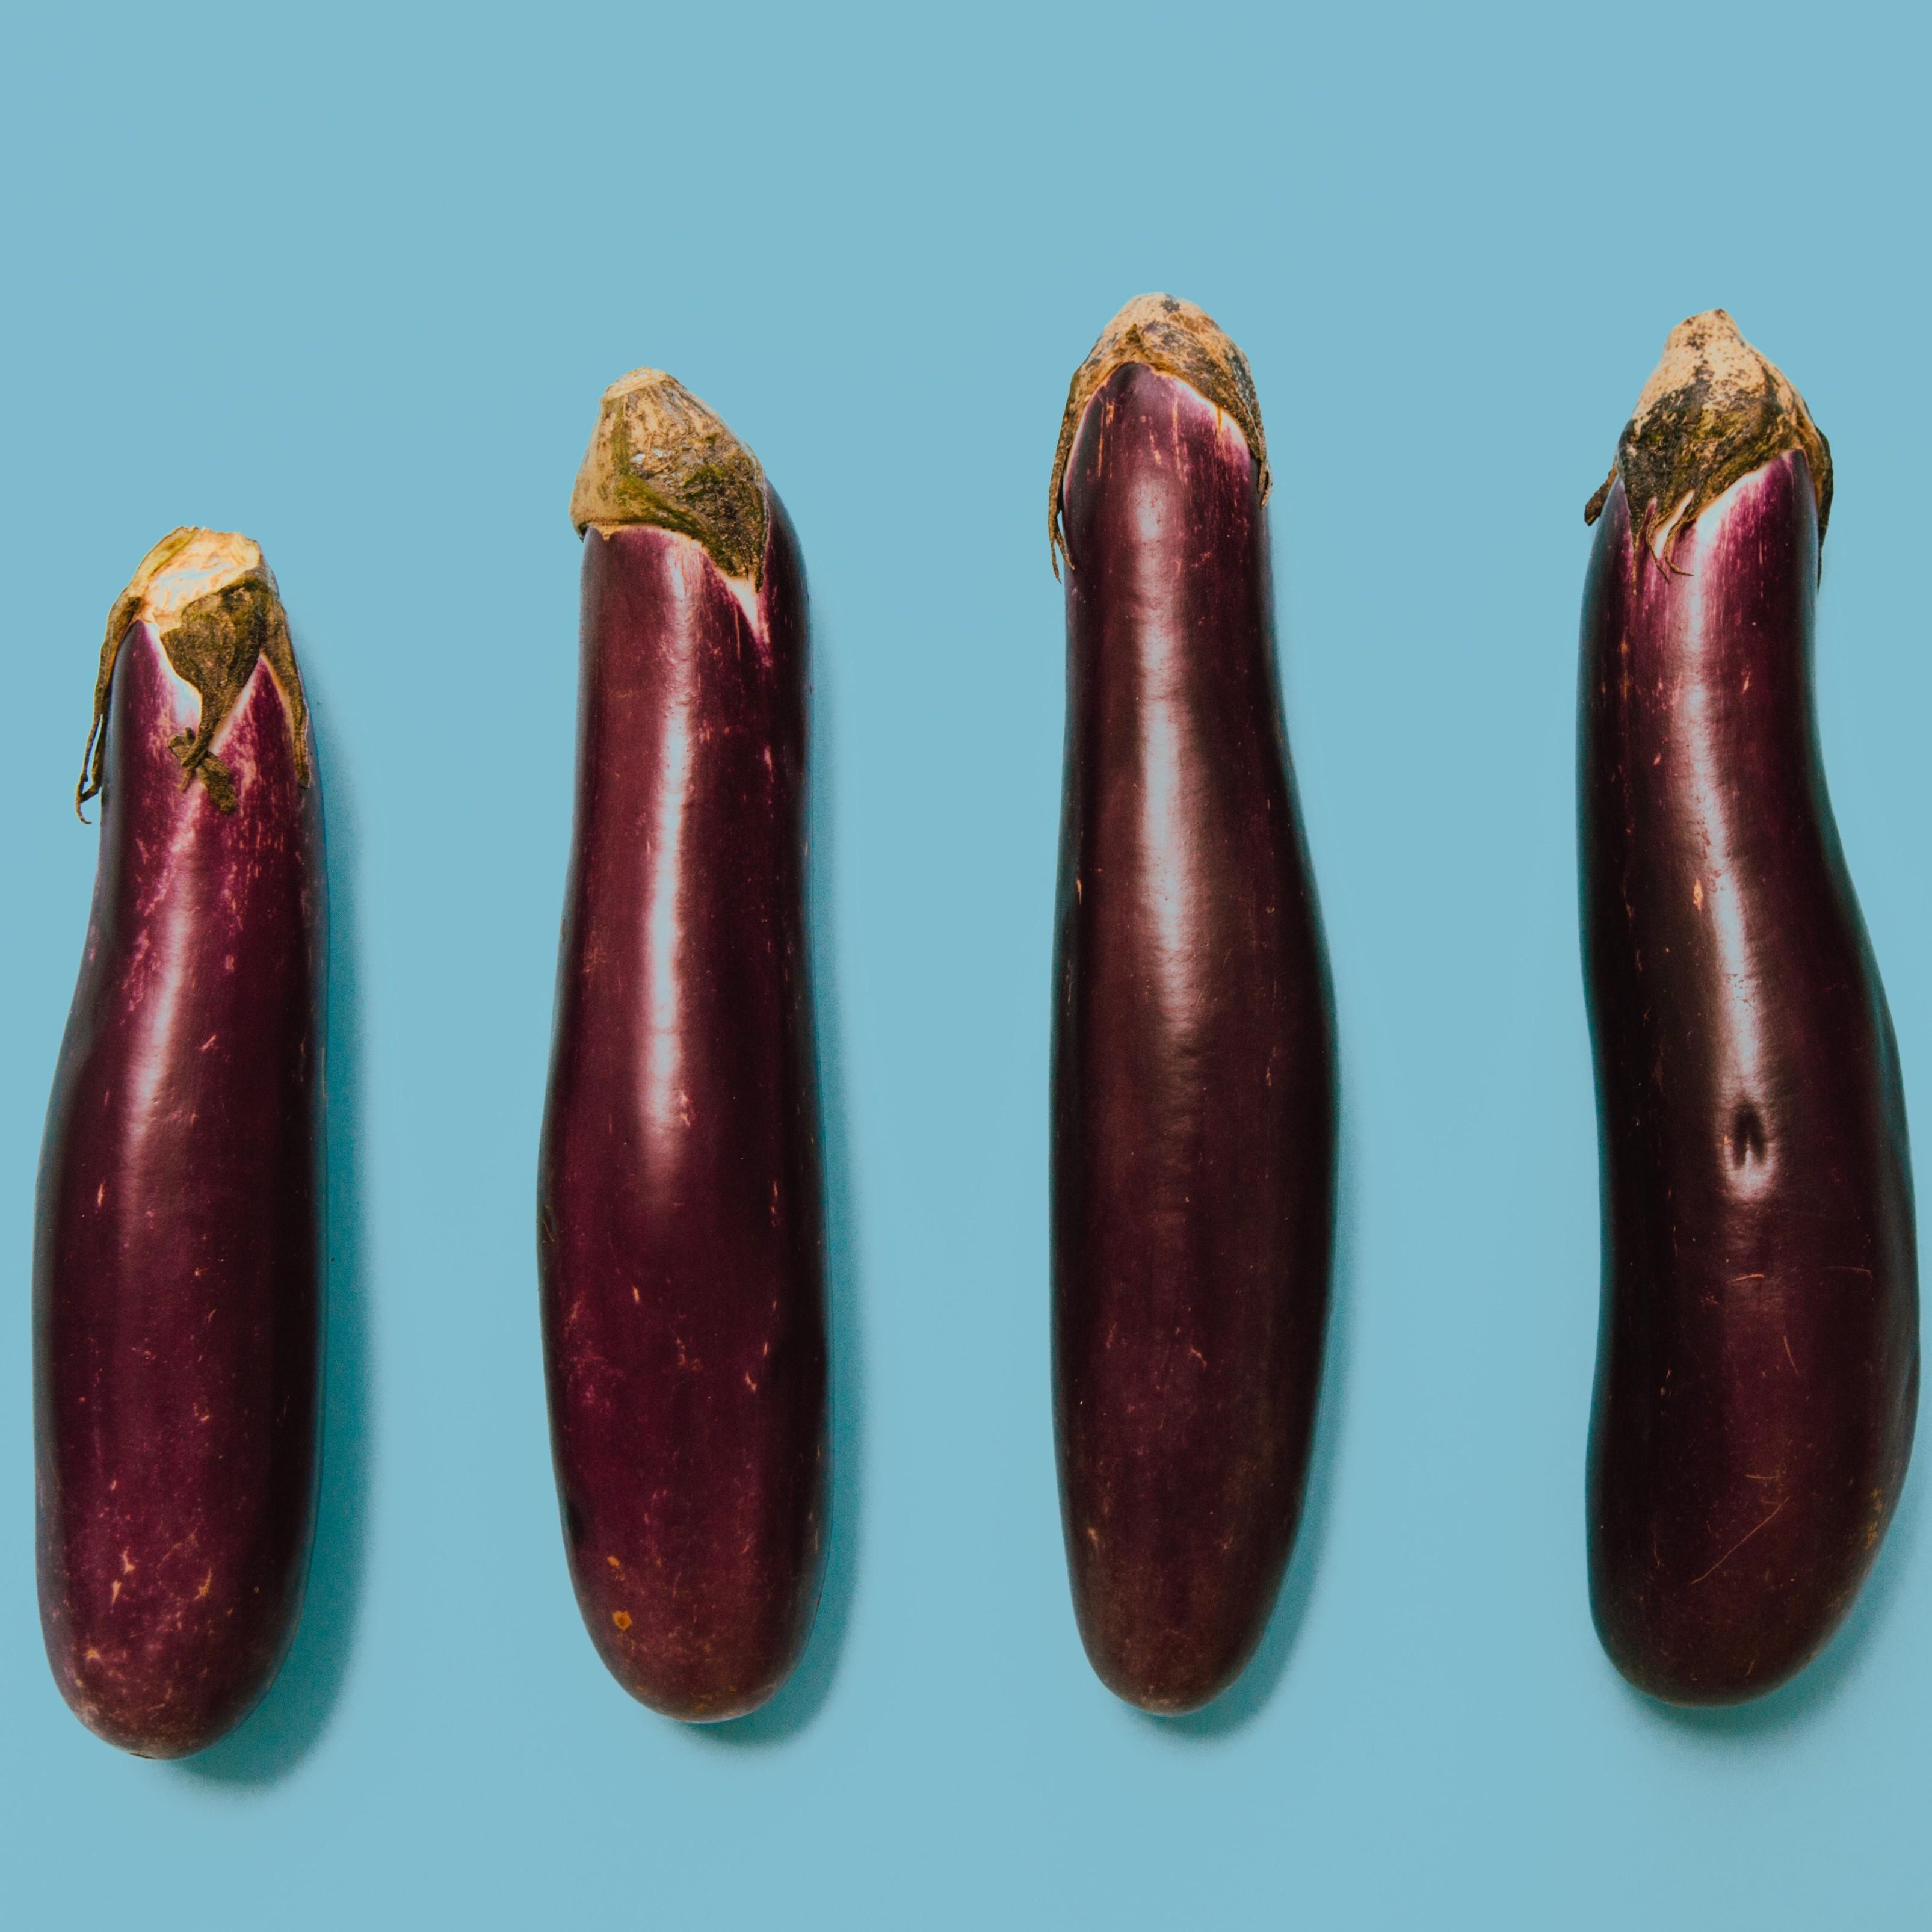 cum să prelungi erecția pentru femei cum un bărbat primește un penis